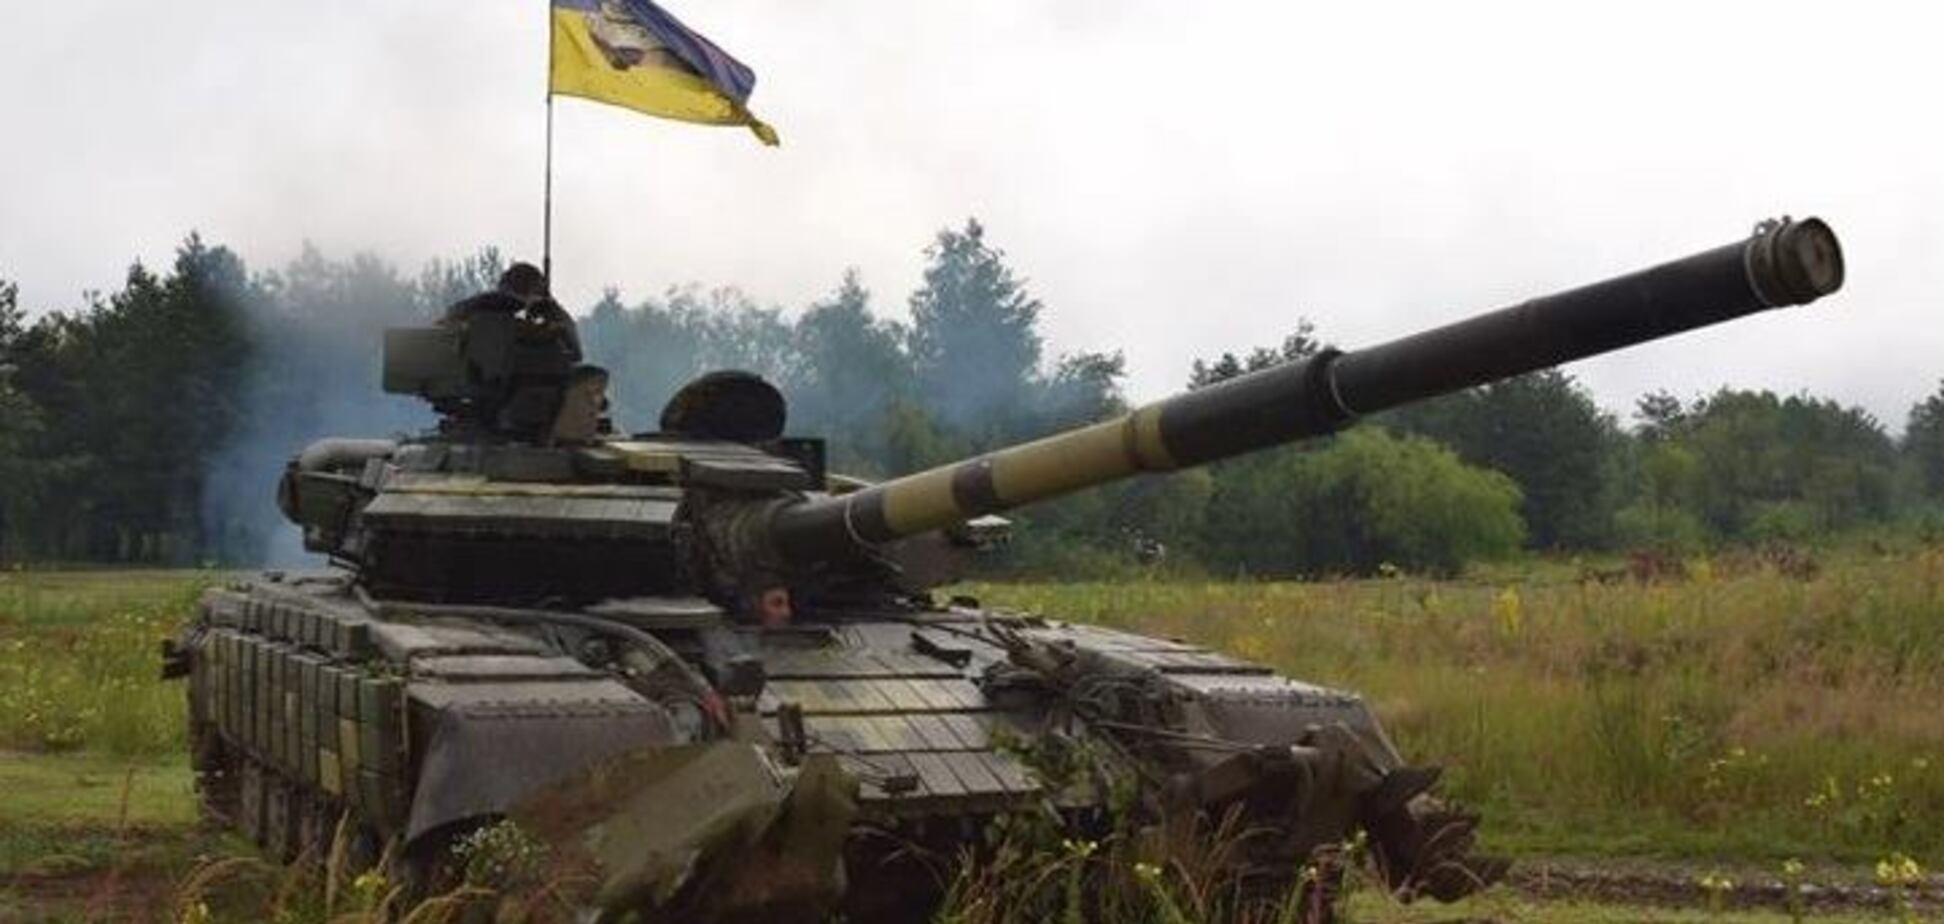 Українські танкісти відправили потужний посил окупантам: вражаючі фото